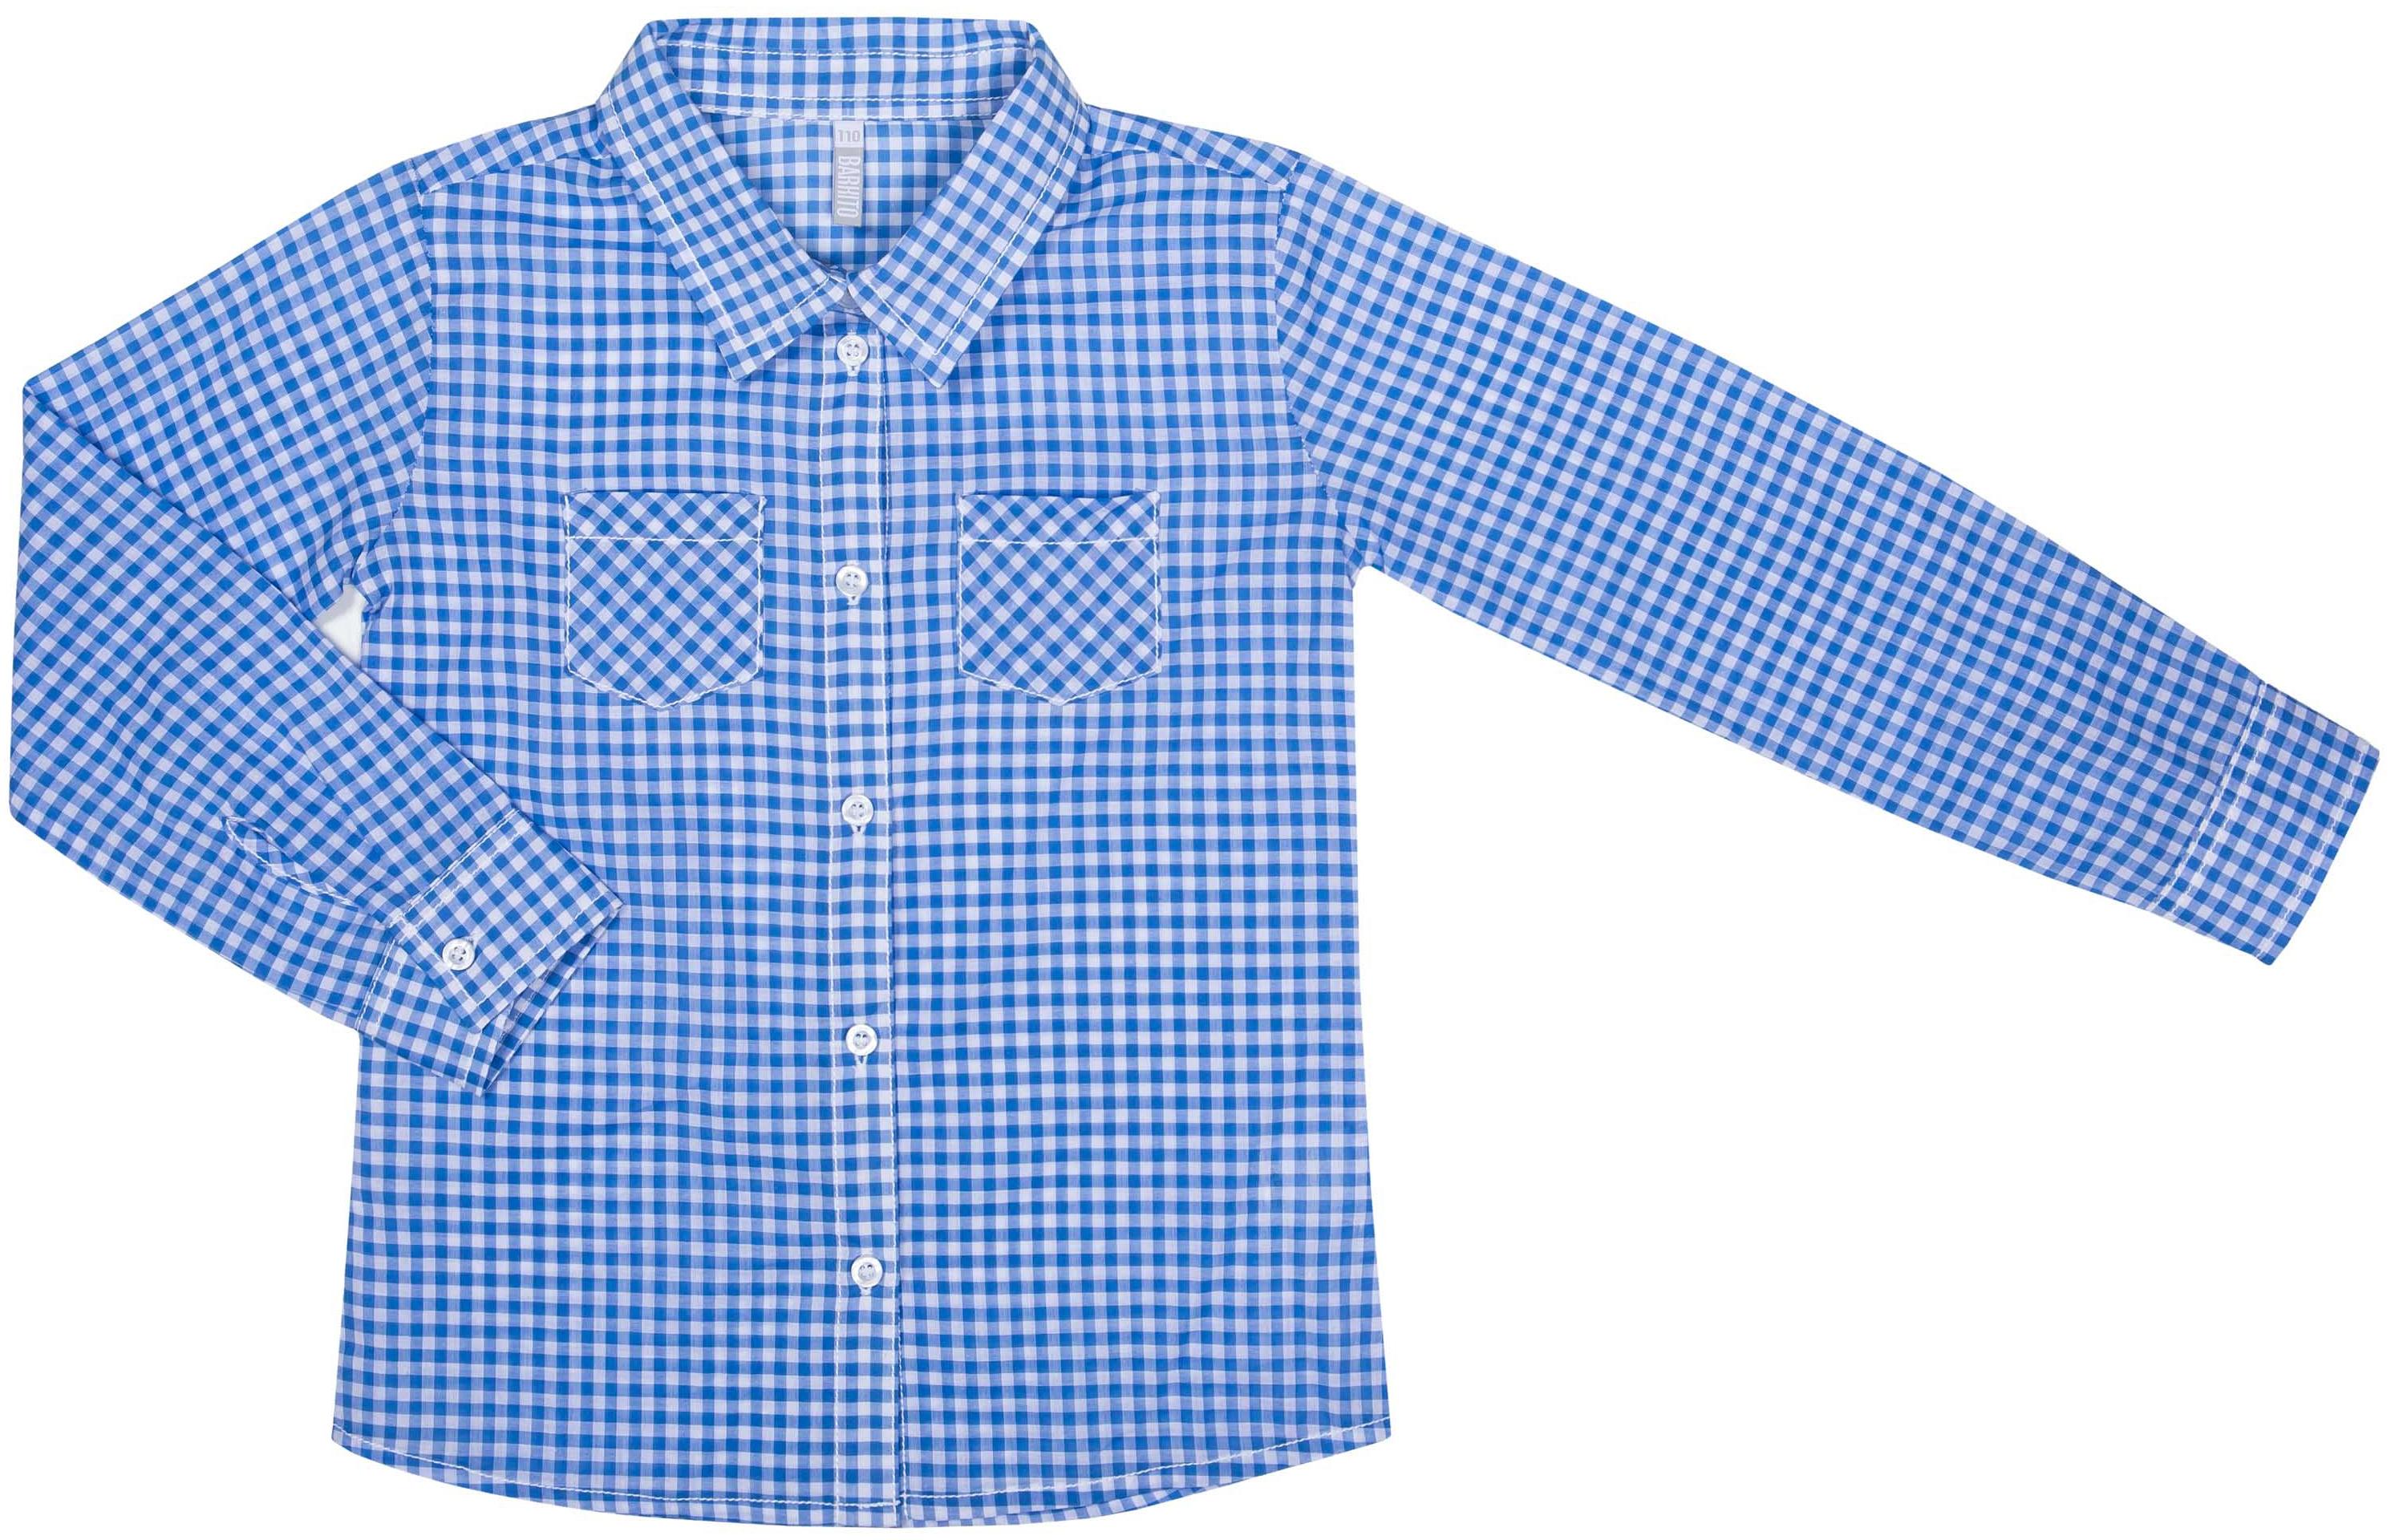 Блузка для девочки Barkito Северные приключения 1 блузка с рисунком и рукавами с напуском kalao blouse